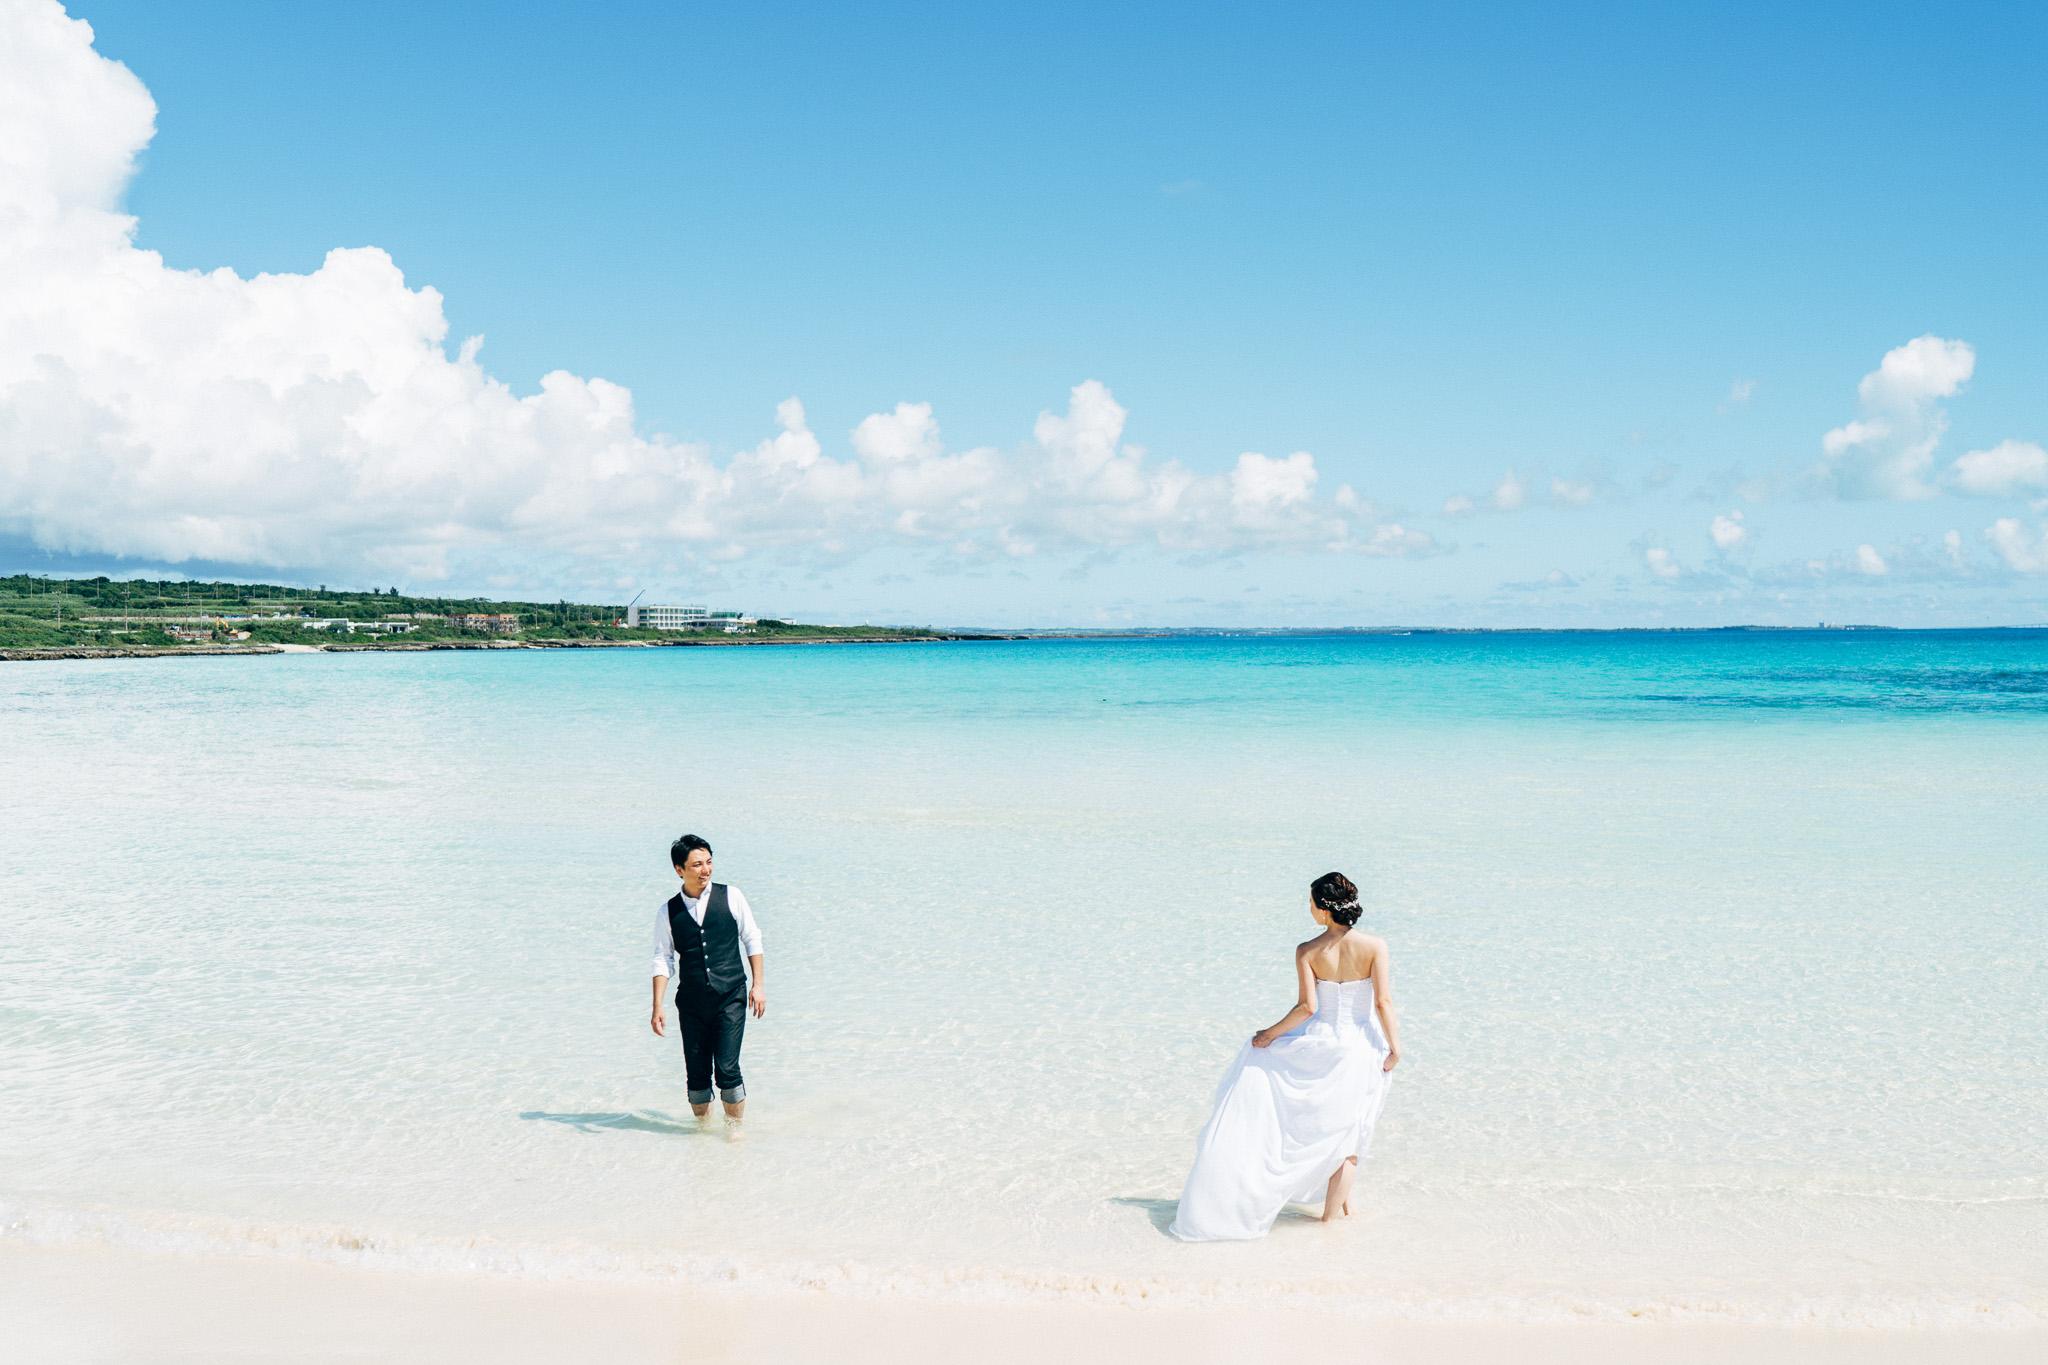 沖縄ロケーションフォト - 208,000 yen + tax ~沖縄本島だけでなく、宮古島や石垣島といった離島でも撮影可能